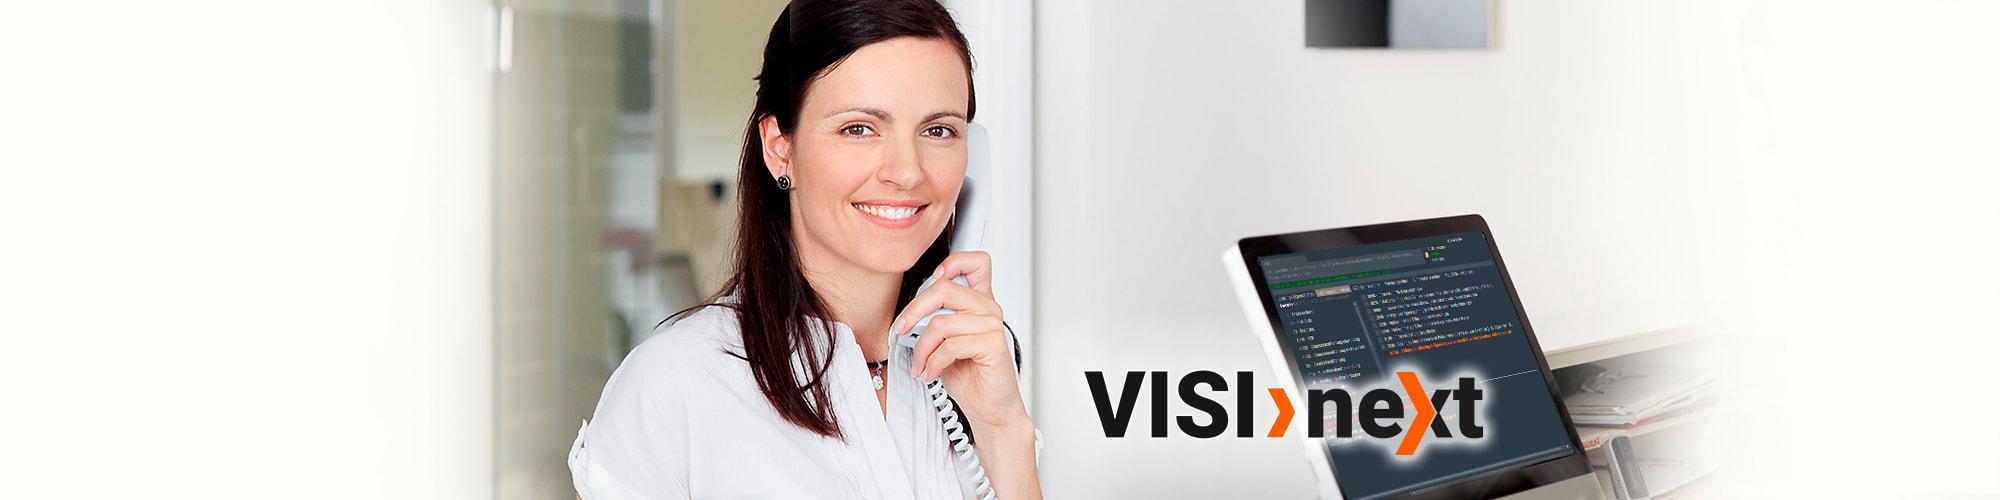 Slider Praxismanager Leistungsvorschläge Leistungszuordnungen - VISInext BDV GmbH